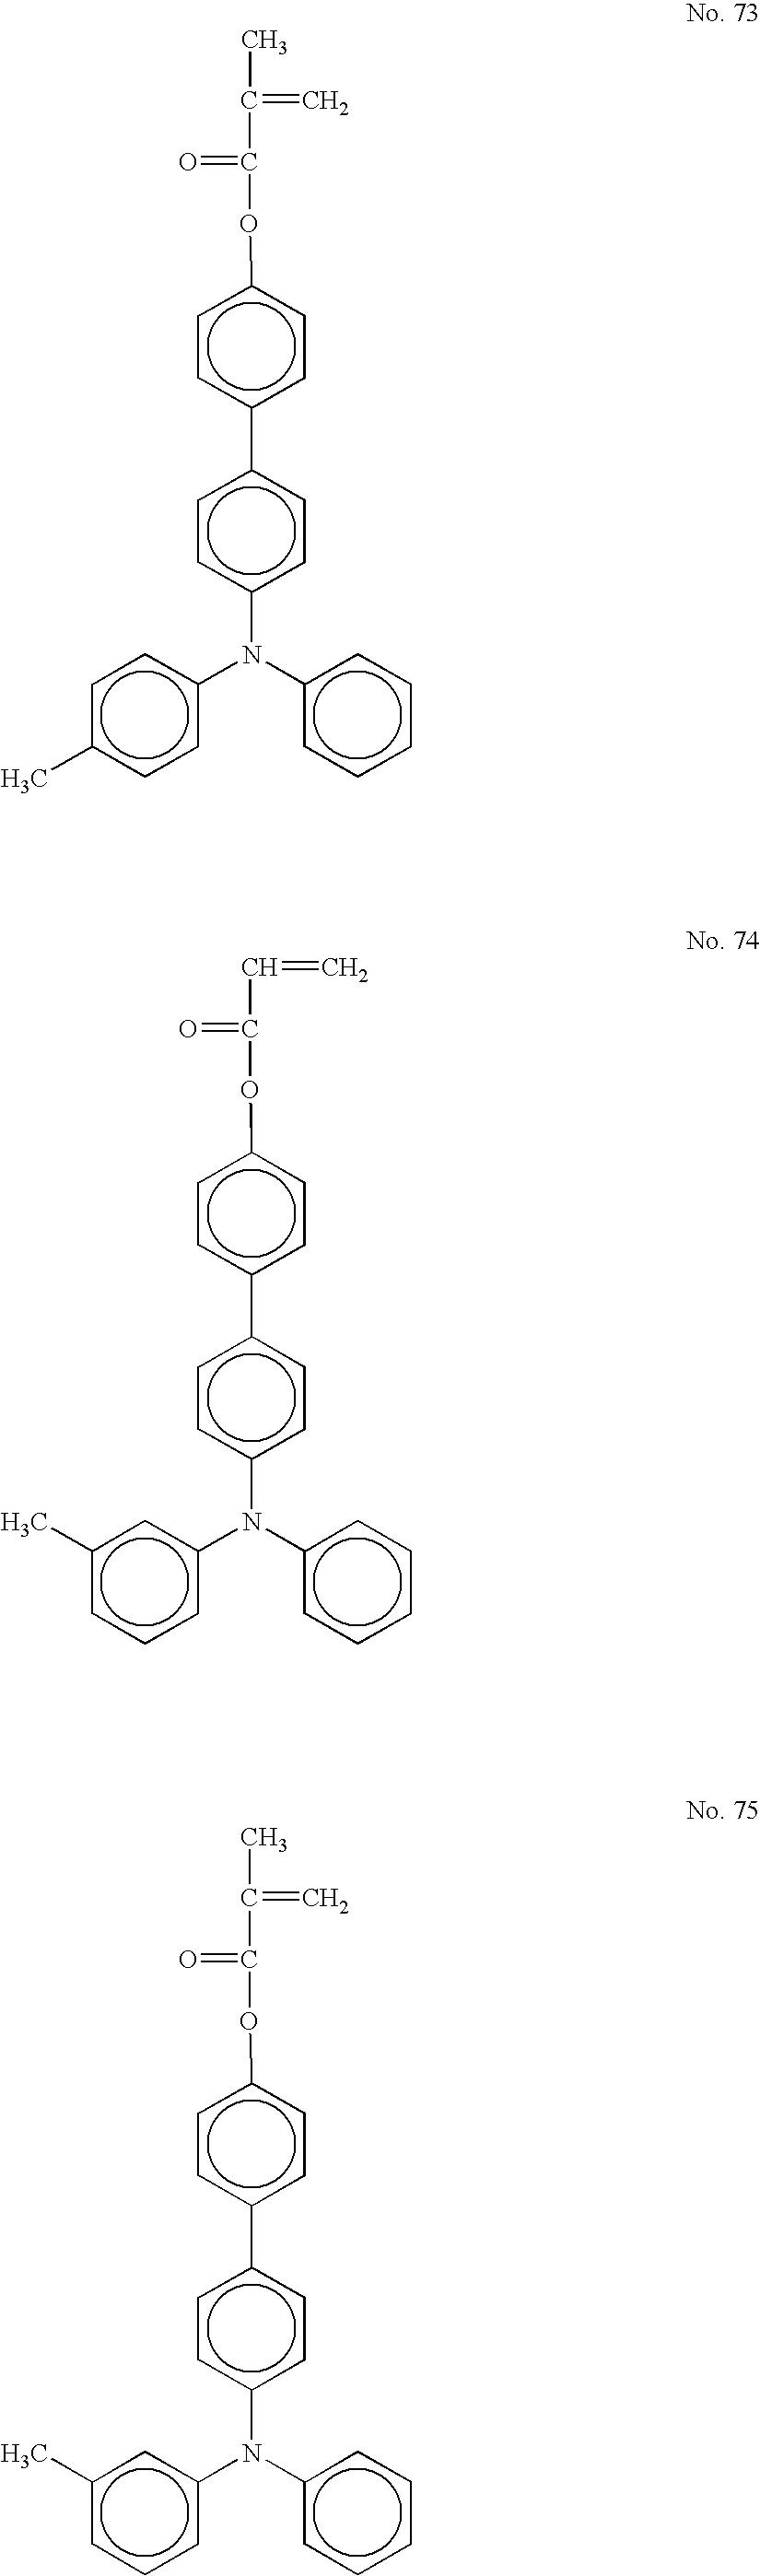 Figure US20040253527A1-20041216-C00036